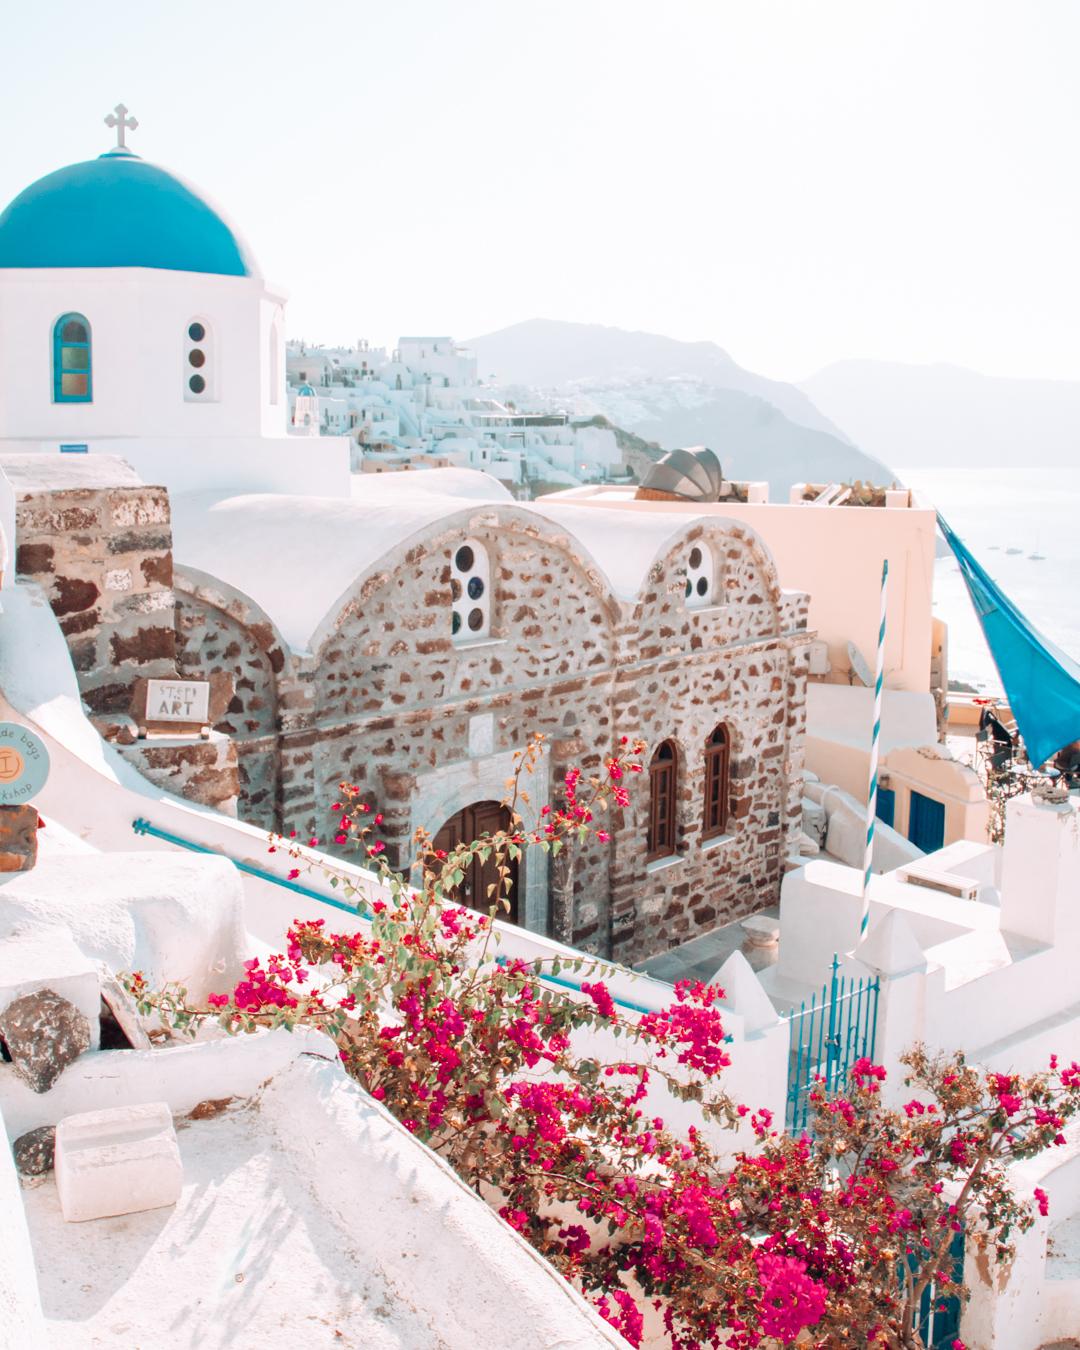 Flowers and buildings in Santorini